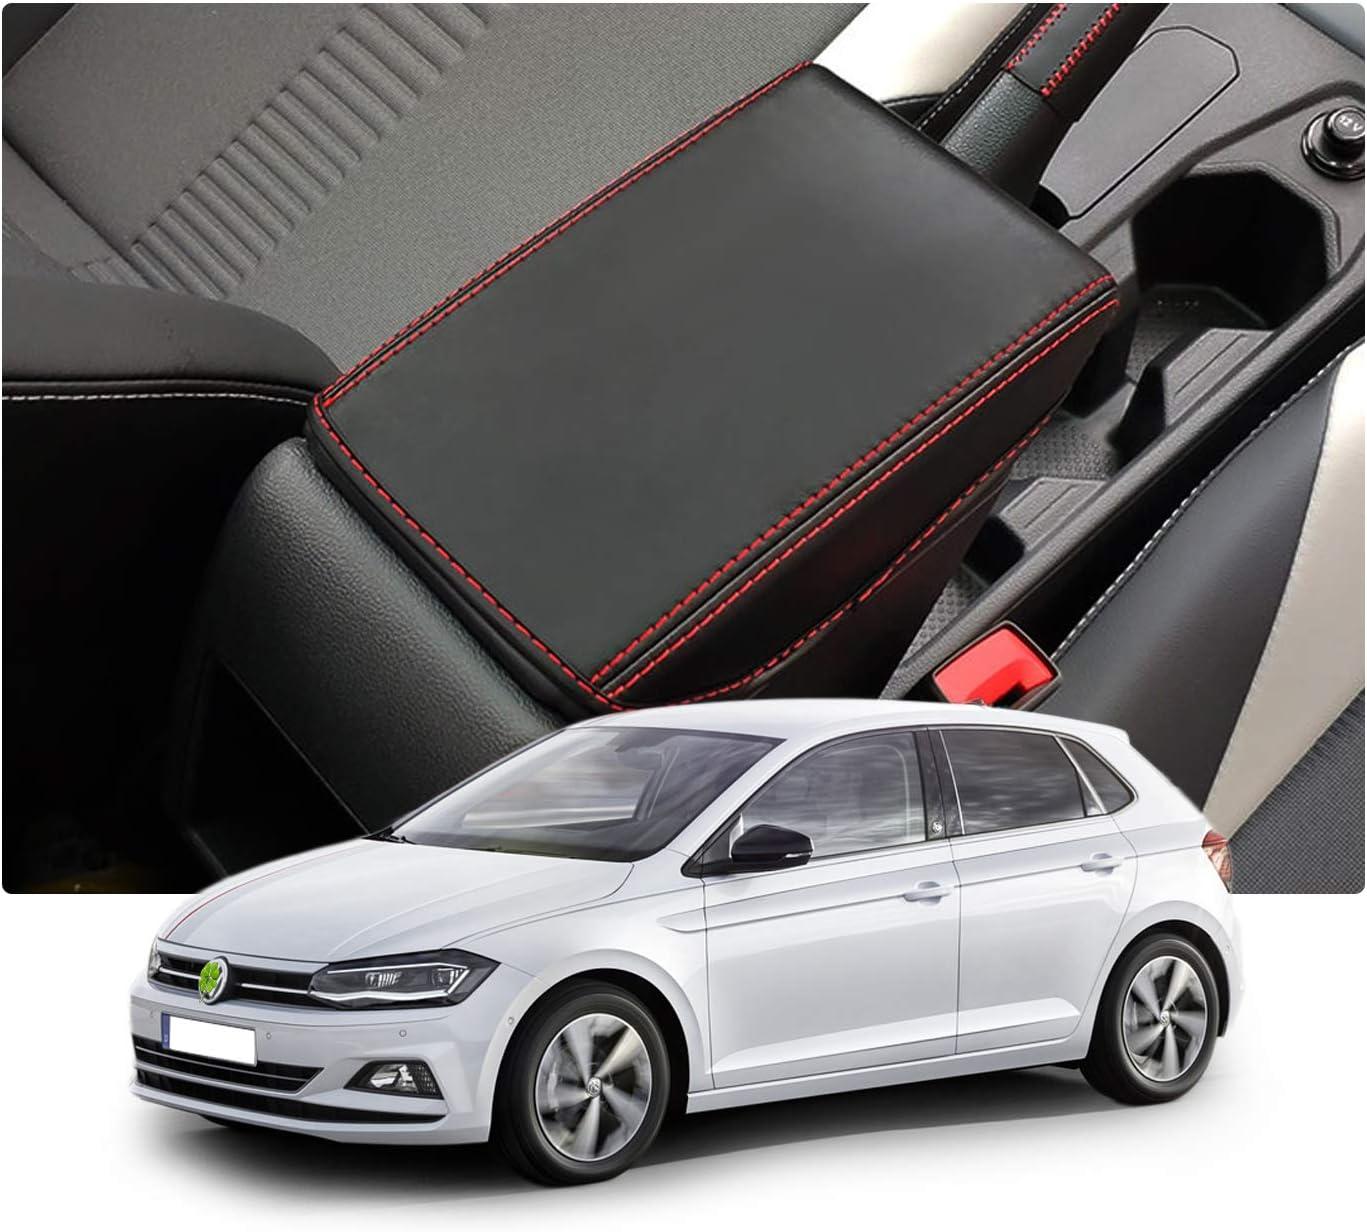 Ruiya Polo Mk6 Mittelkonsole Auflagebezug Kundenspezifische Armlehne Box Soft Pad Protector Auto